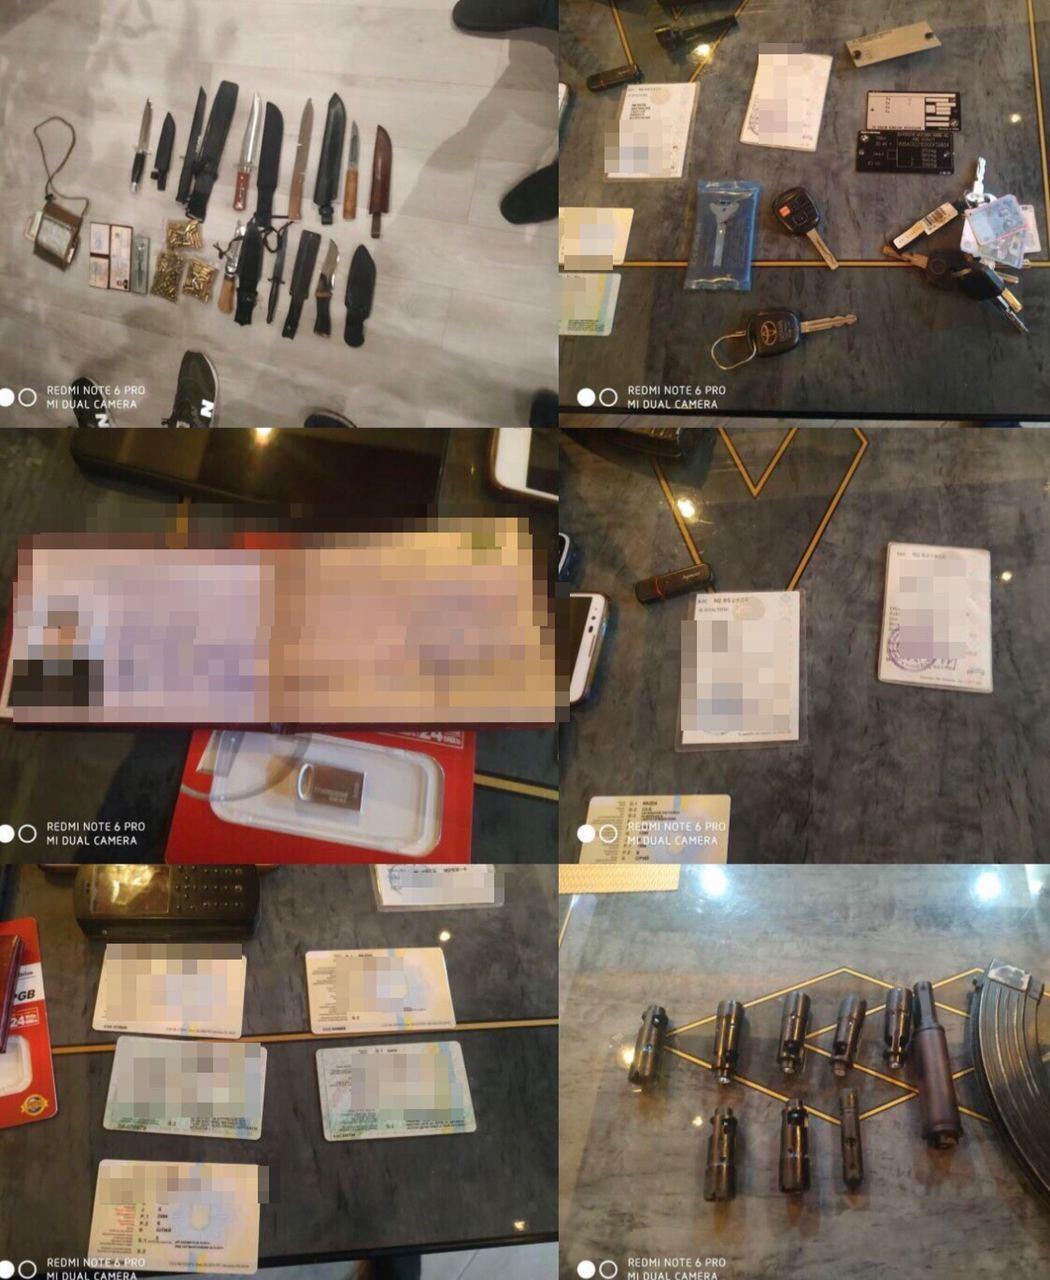 Результаты обысков у задержанных похитителей.